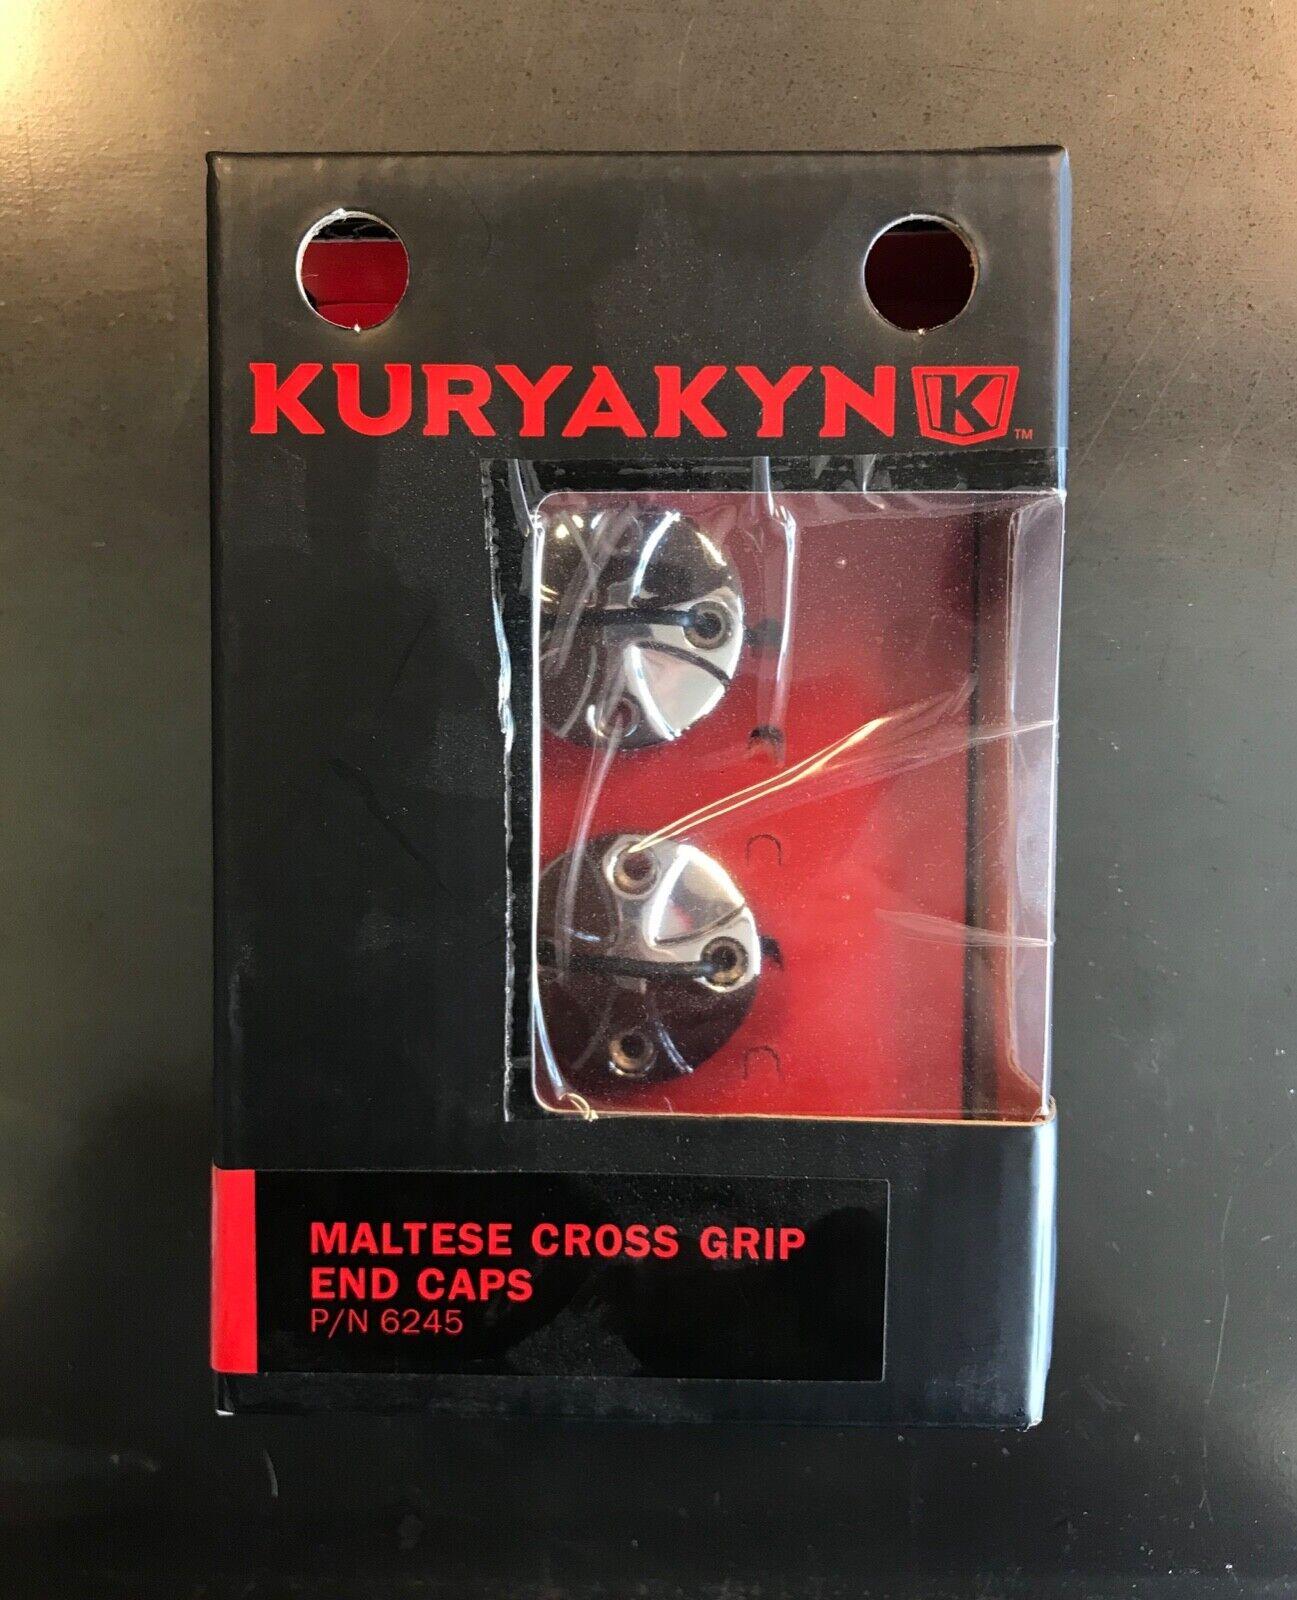 Kuryakyn 6245 Maltese Cross End Cap